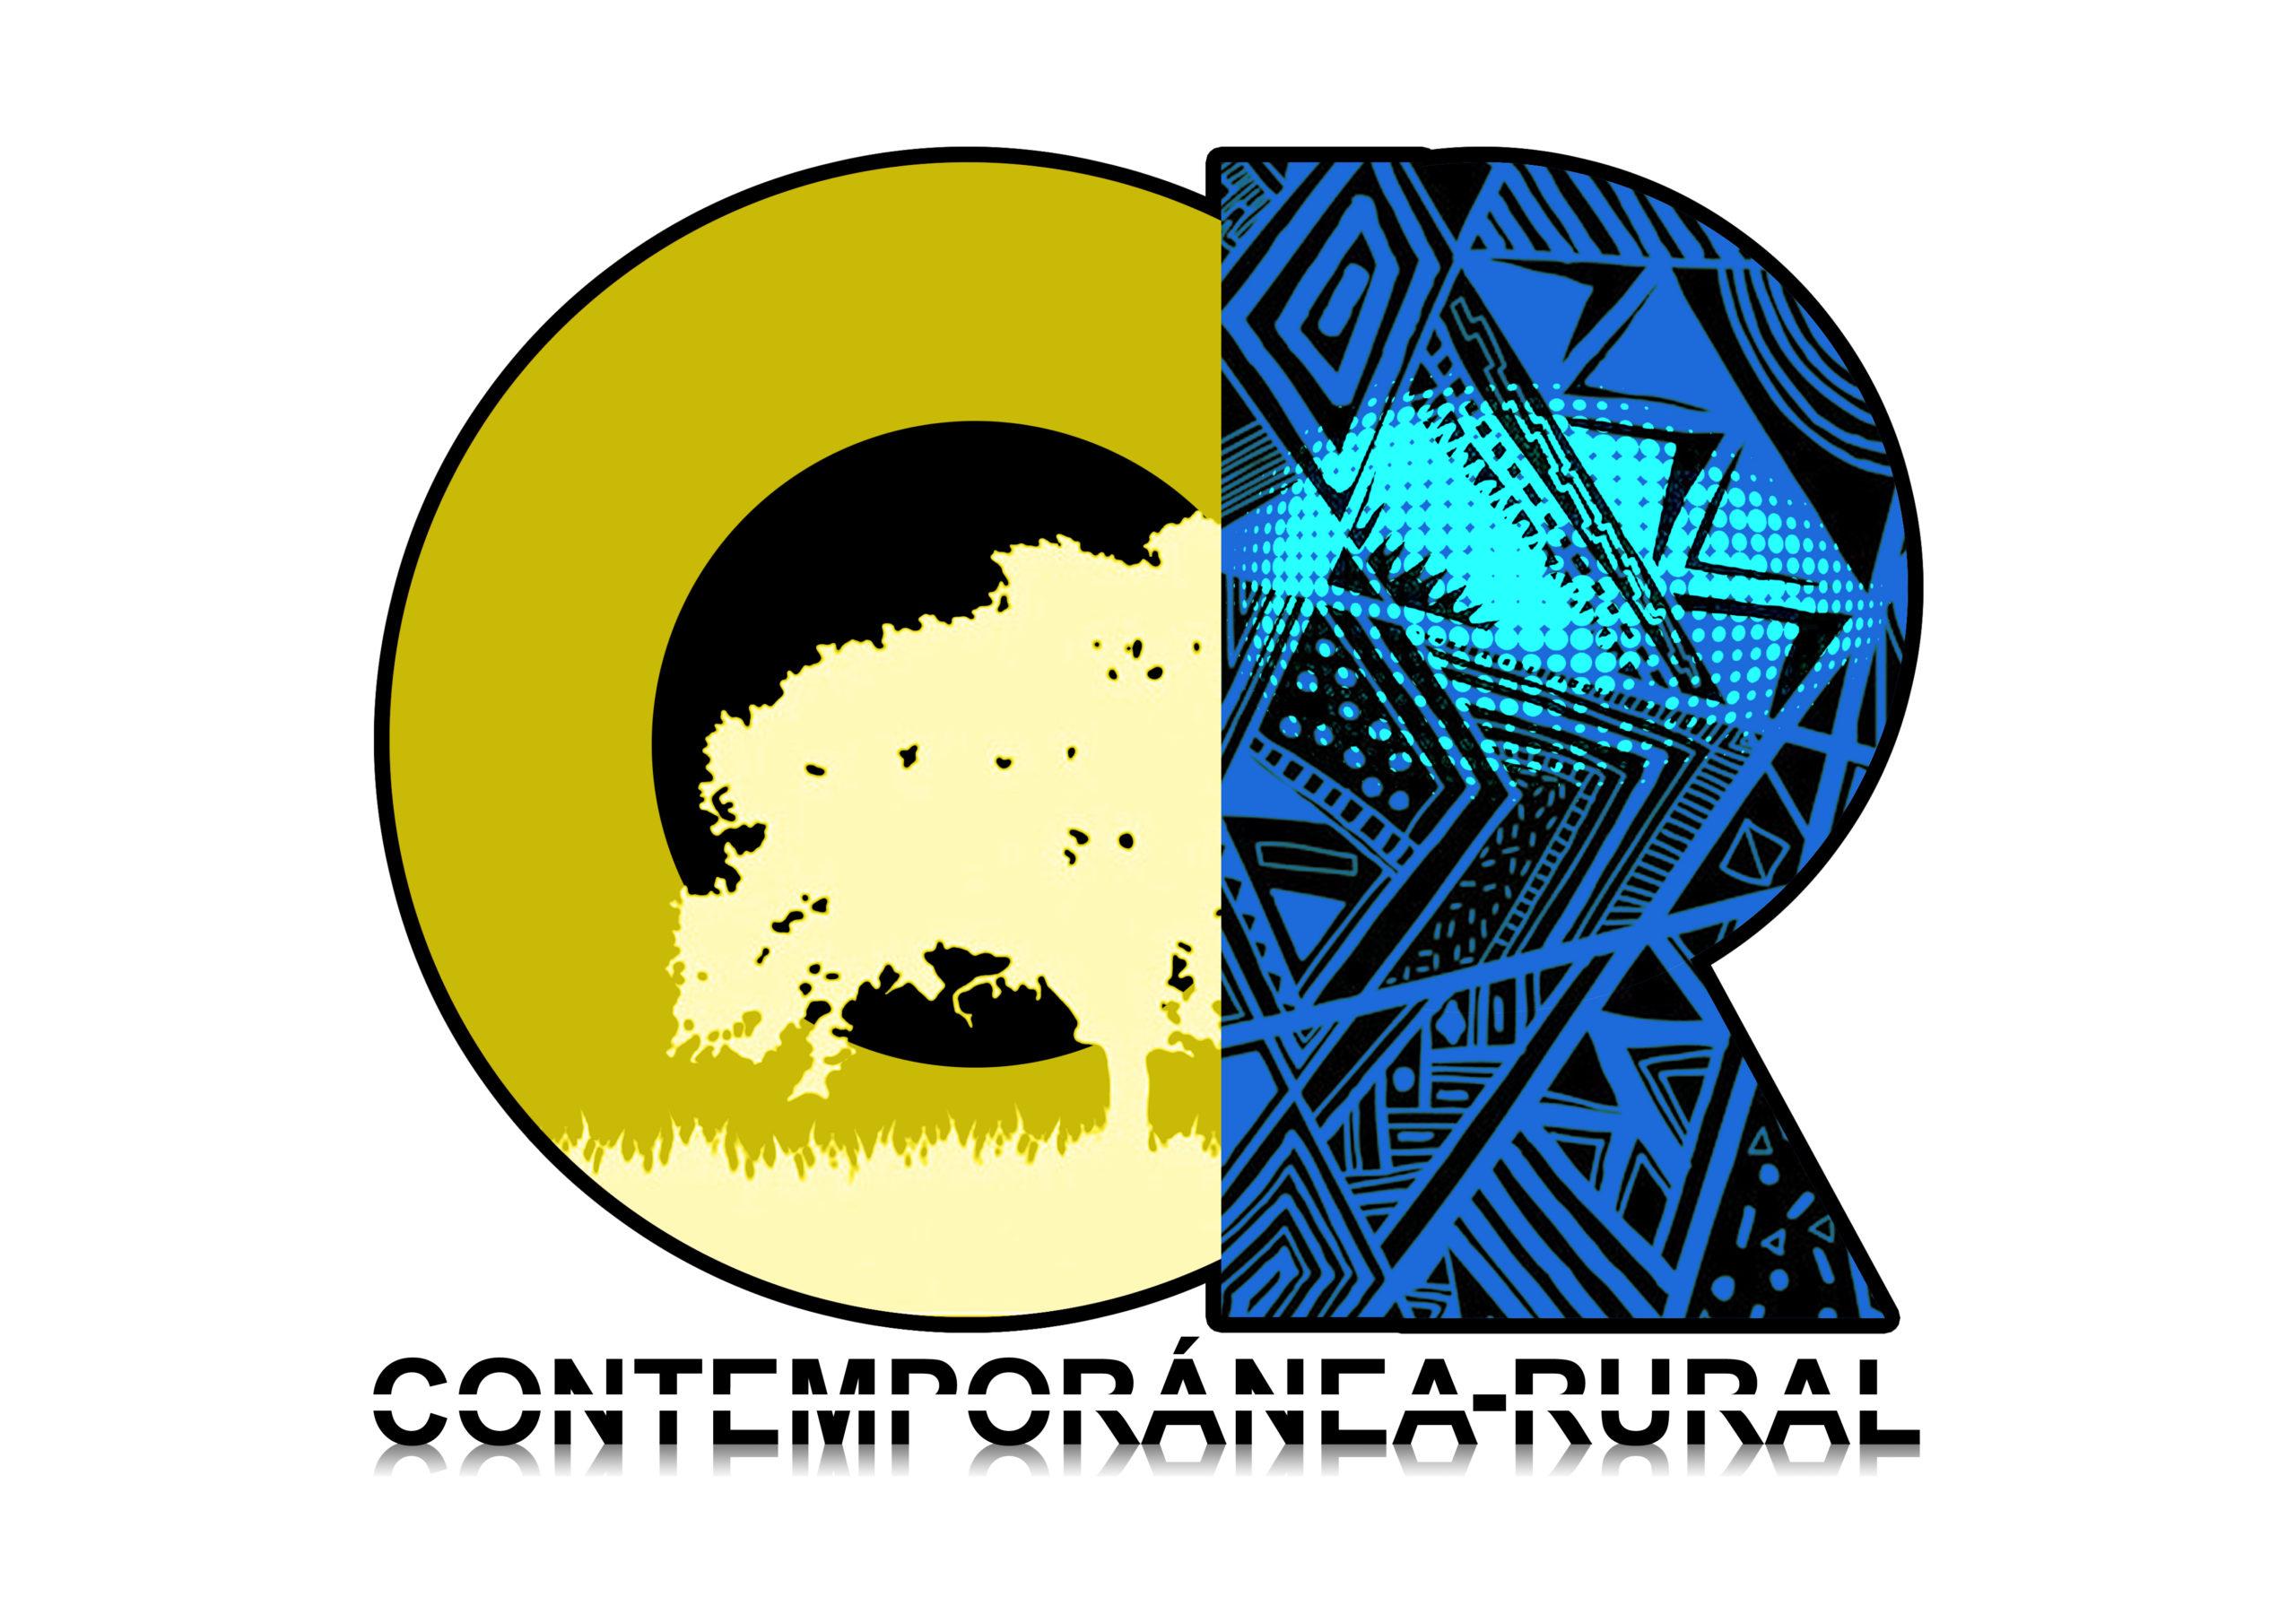 Contemporánea-rural